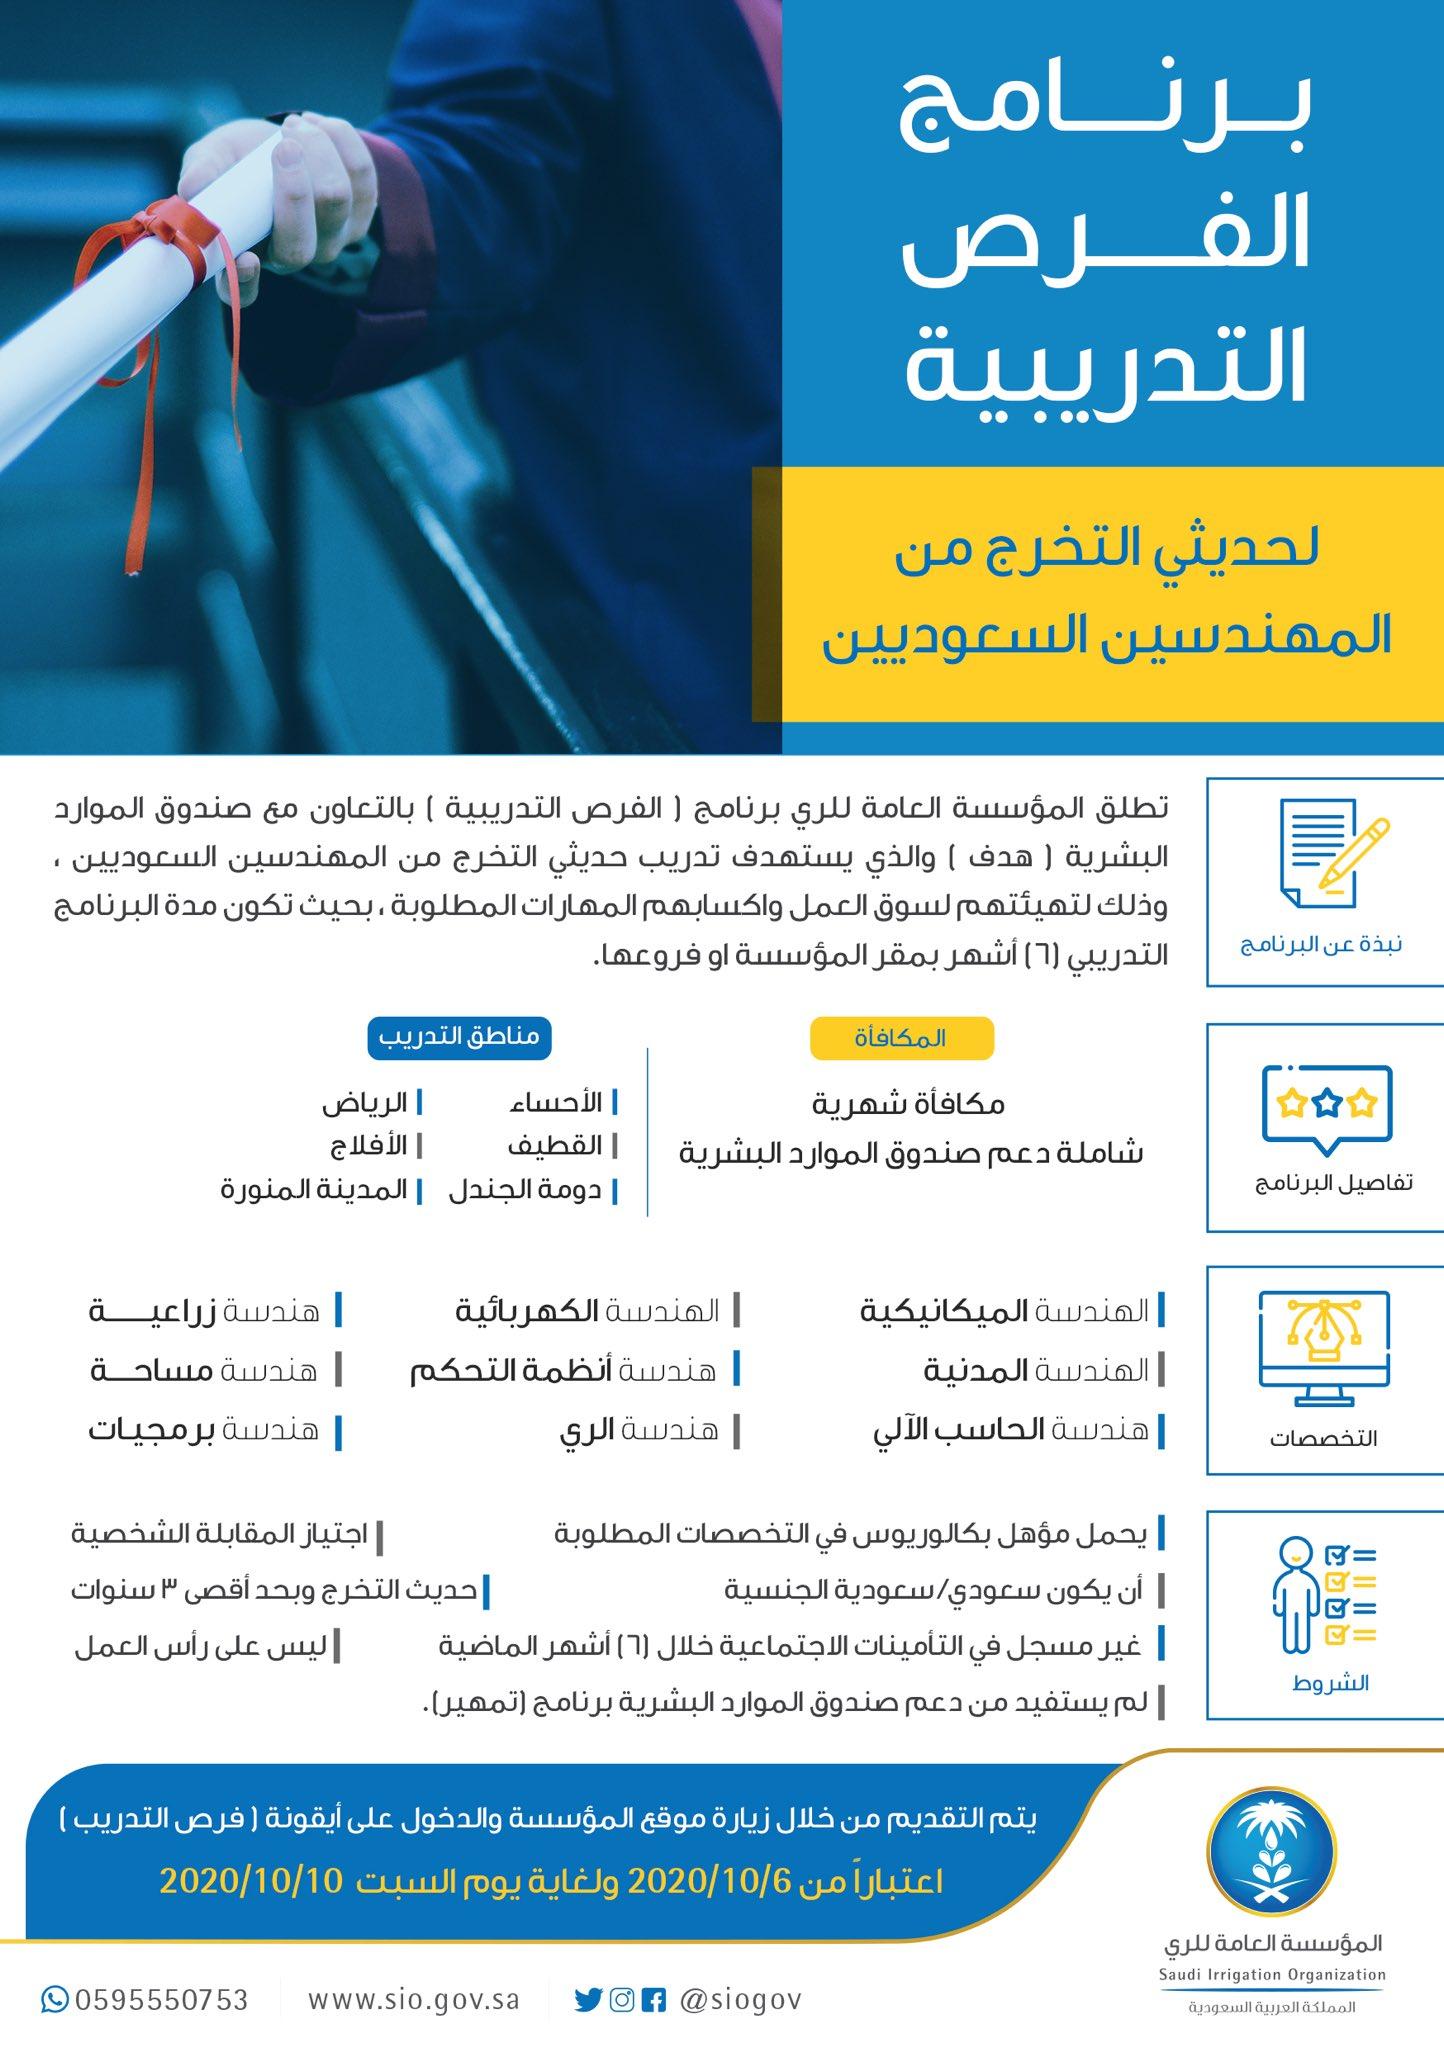 🔴 عاجل - للمهندسين 🔴  تُطلق #المؤسسة_العامة_للري برنامج (الفرص التدريبية) بالتعاون مع هدف لتدريب حديثي التخرج من المهندسين السعوديين  يتم التقديم بالدخول على أيقونة (فرص التدريب )من خلال الرابط التالي : https://t.co/hwyC9luhEt   #دورات